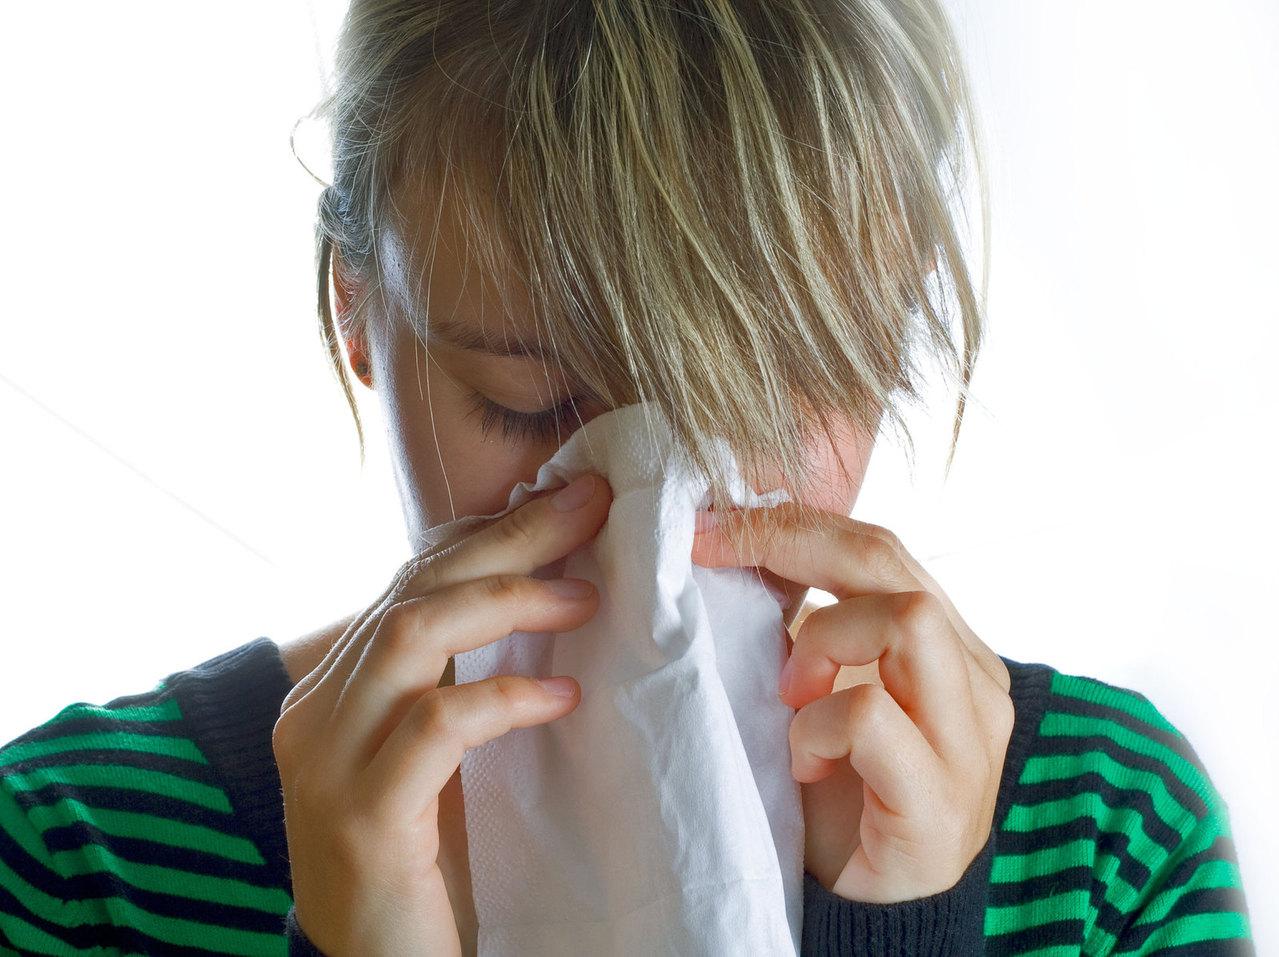 sneeze 1431371 1279×956